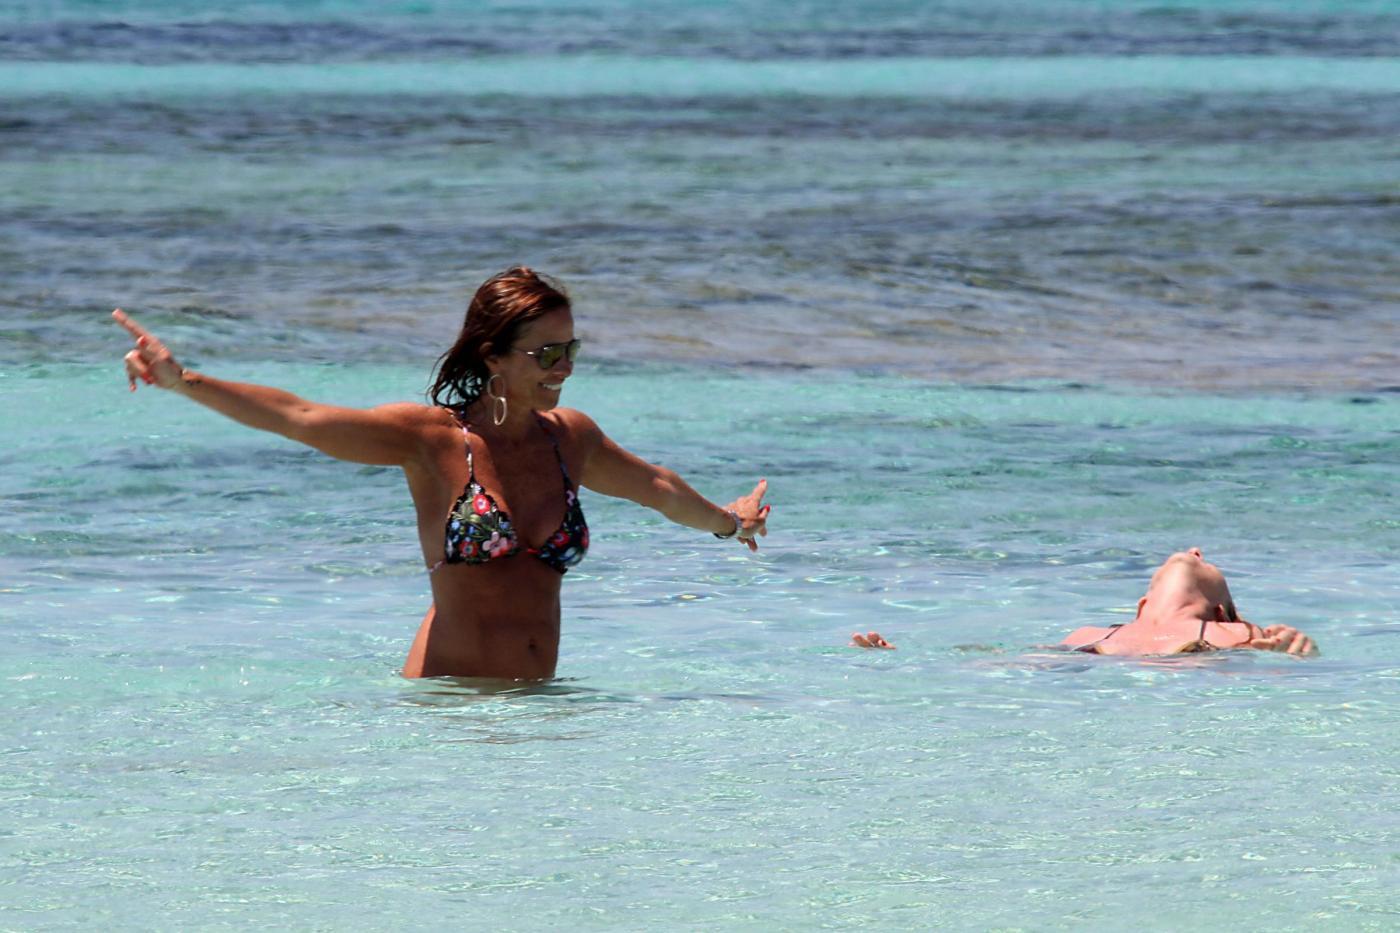 Cristina Parodi, tintarella a Formentera con amiche: topless perfetto a 50 anni 8